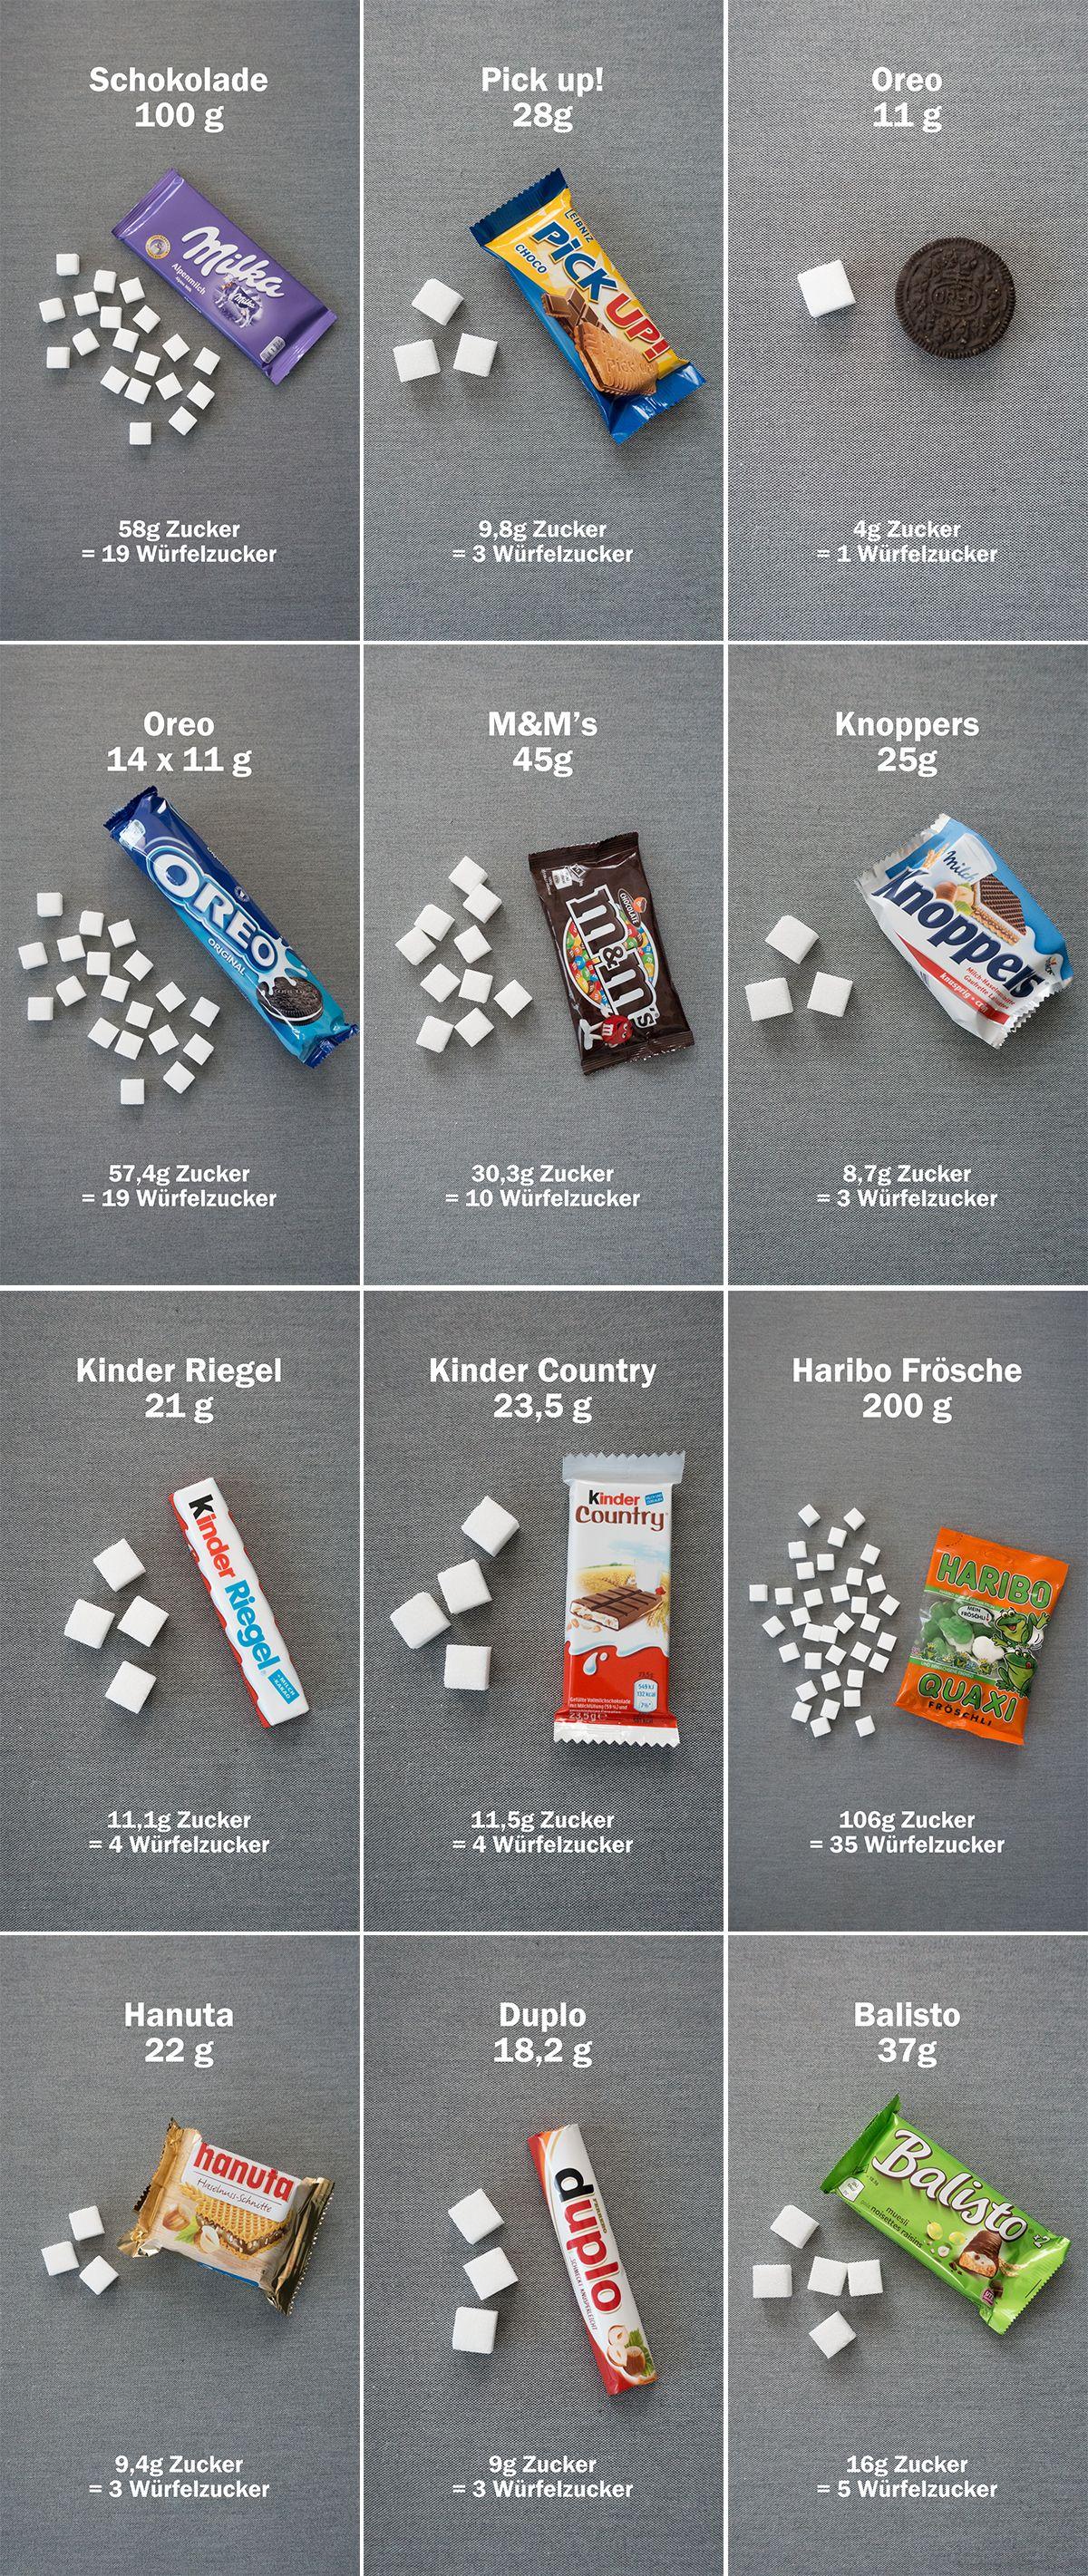 zuckerfrei-projekt-gesundheit-zucker-zitat-dreamteamfitness-getränke ...